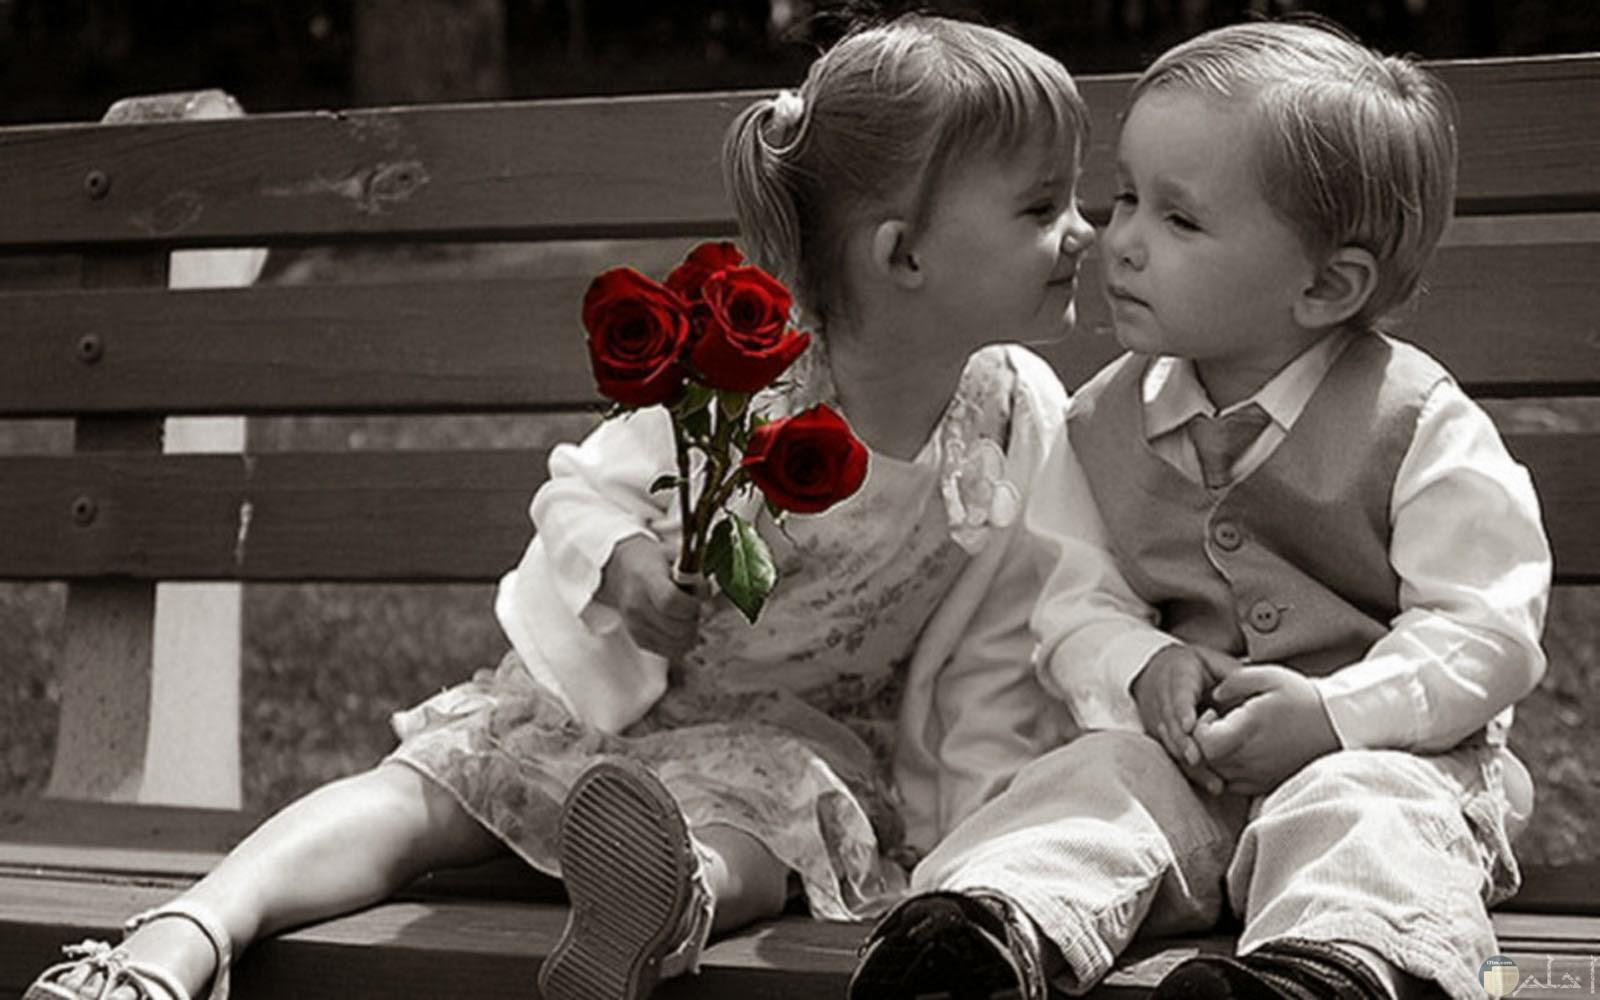 صورة حب لطفلان